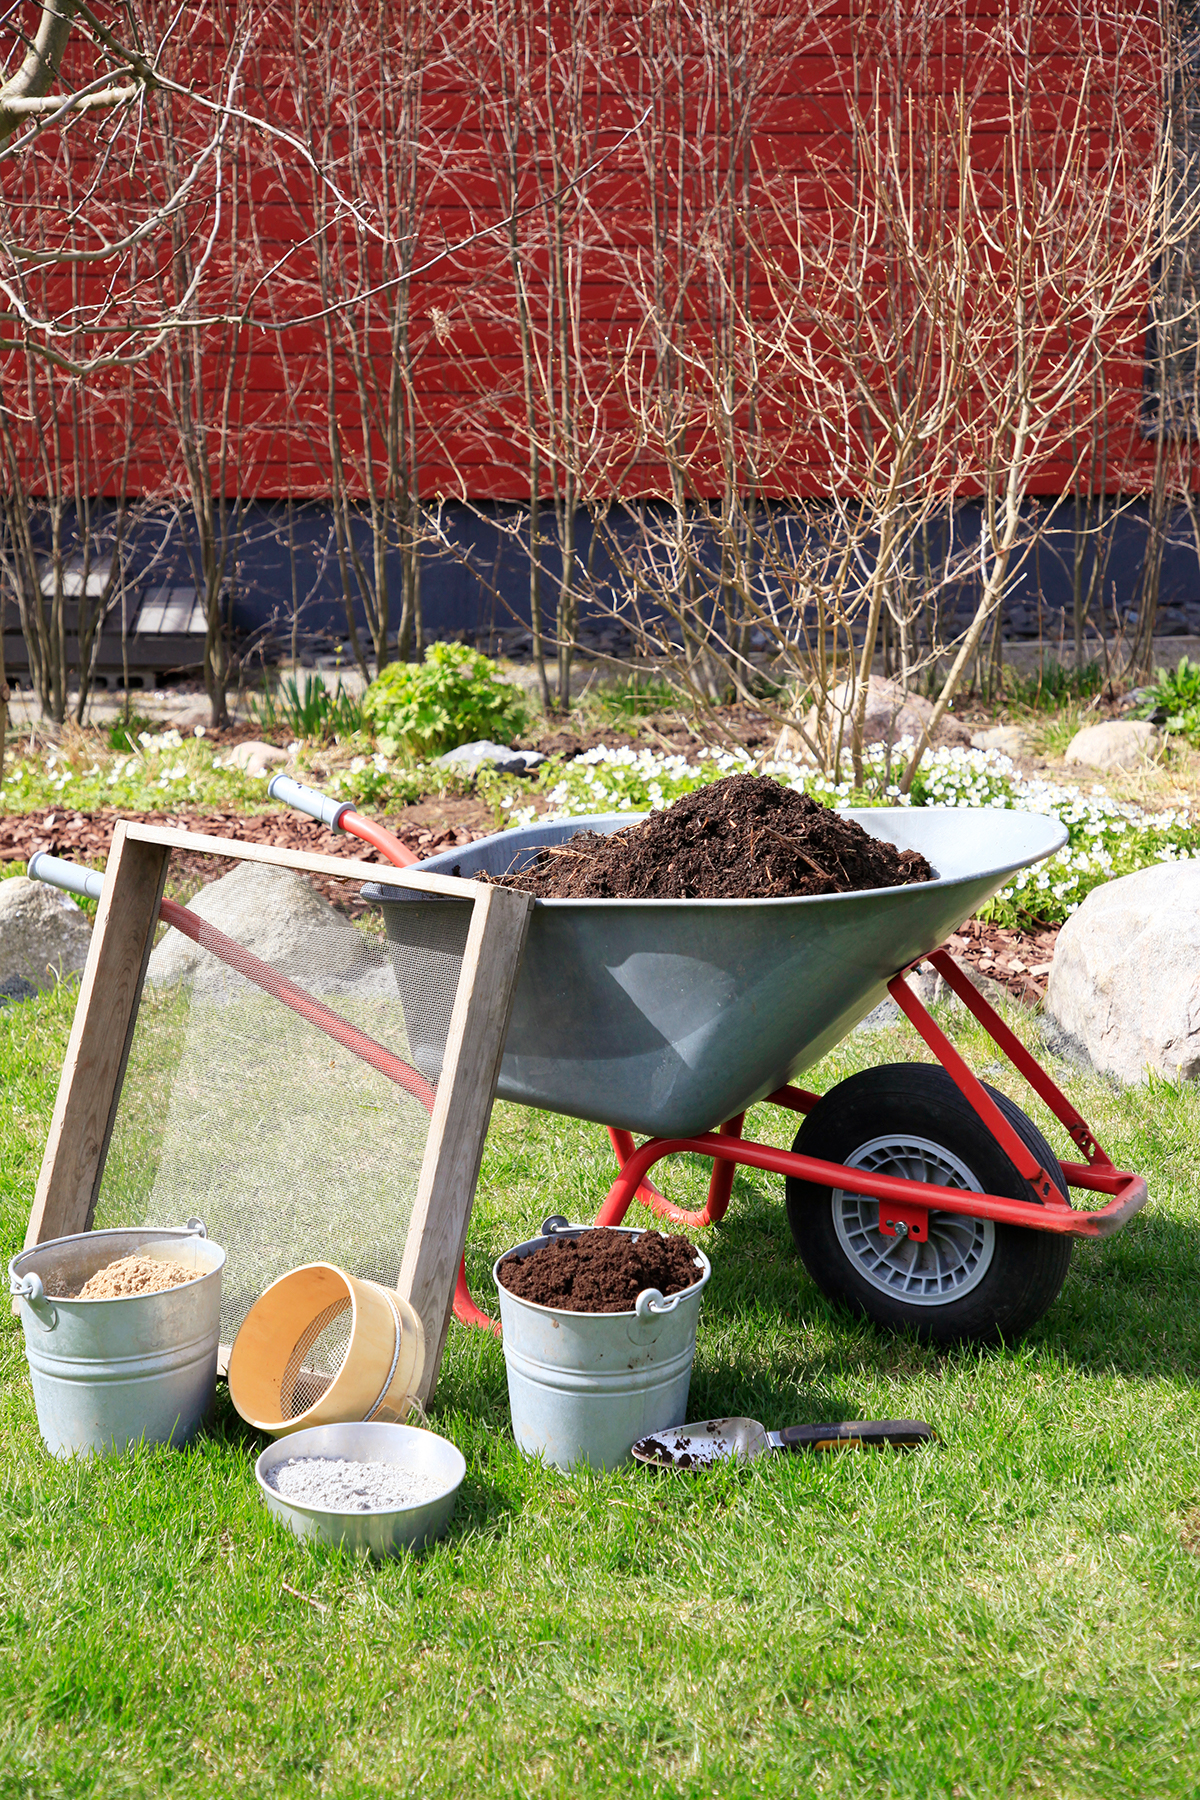 Skottkärra med torv samt hinkar med kompostblandning, torv, kalk och sand för en egen jordblandning